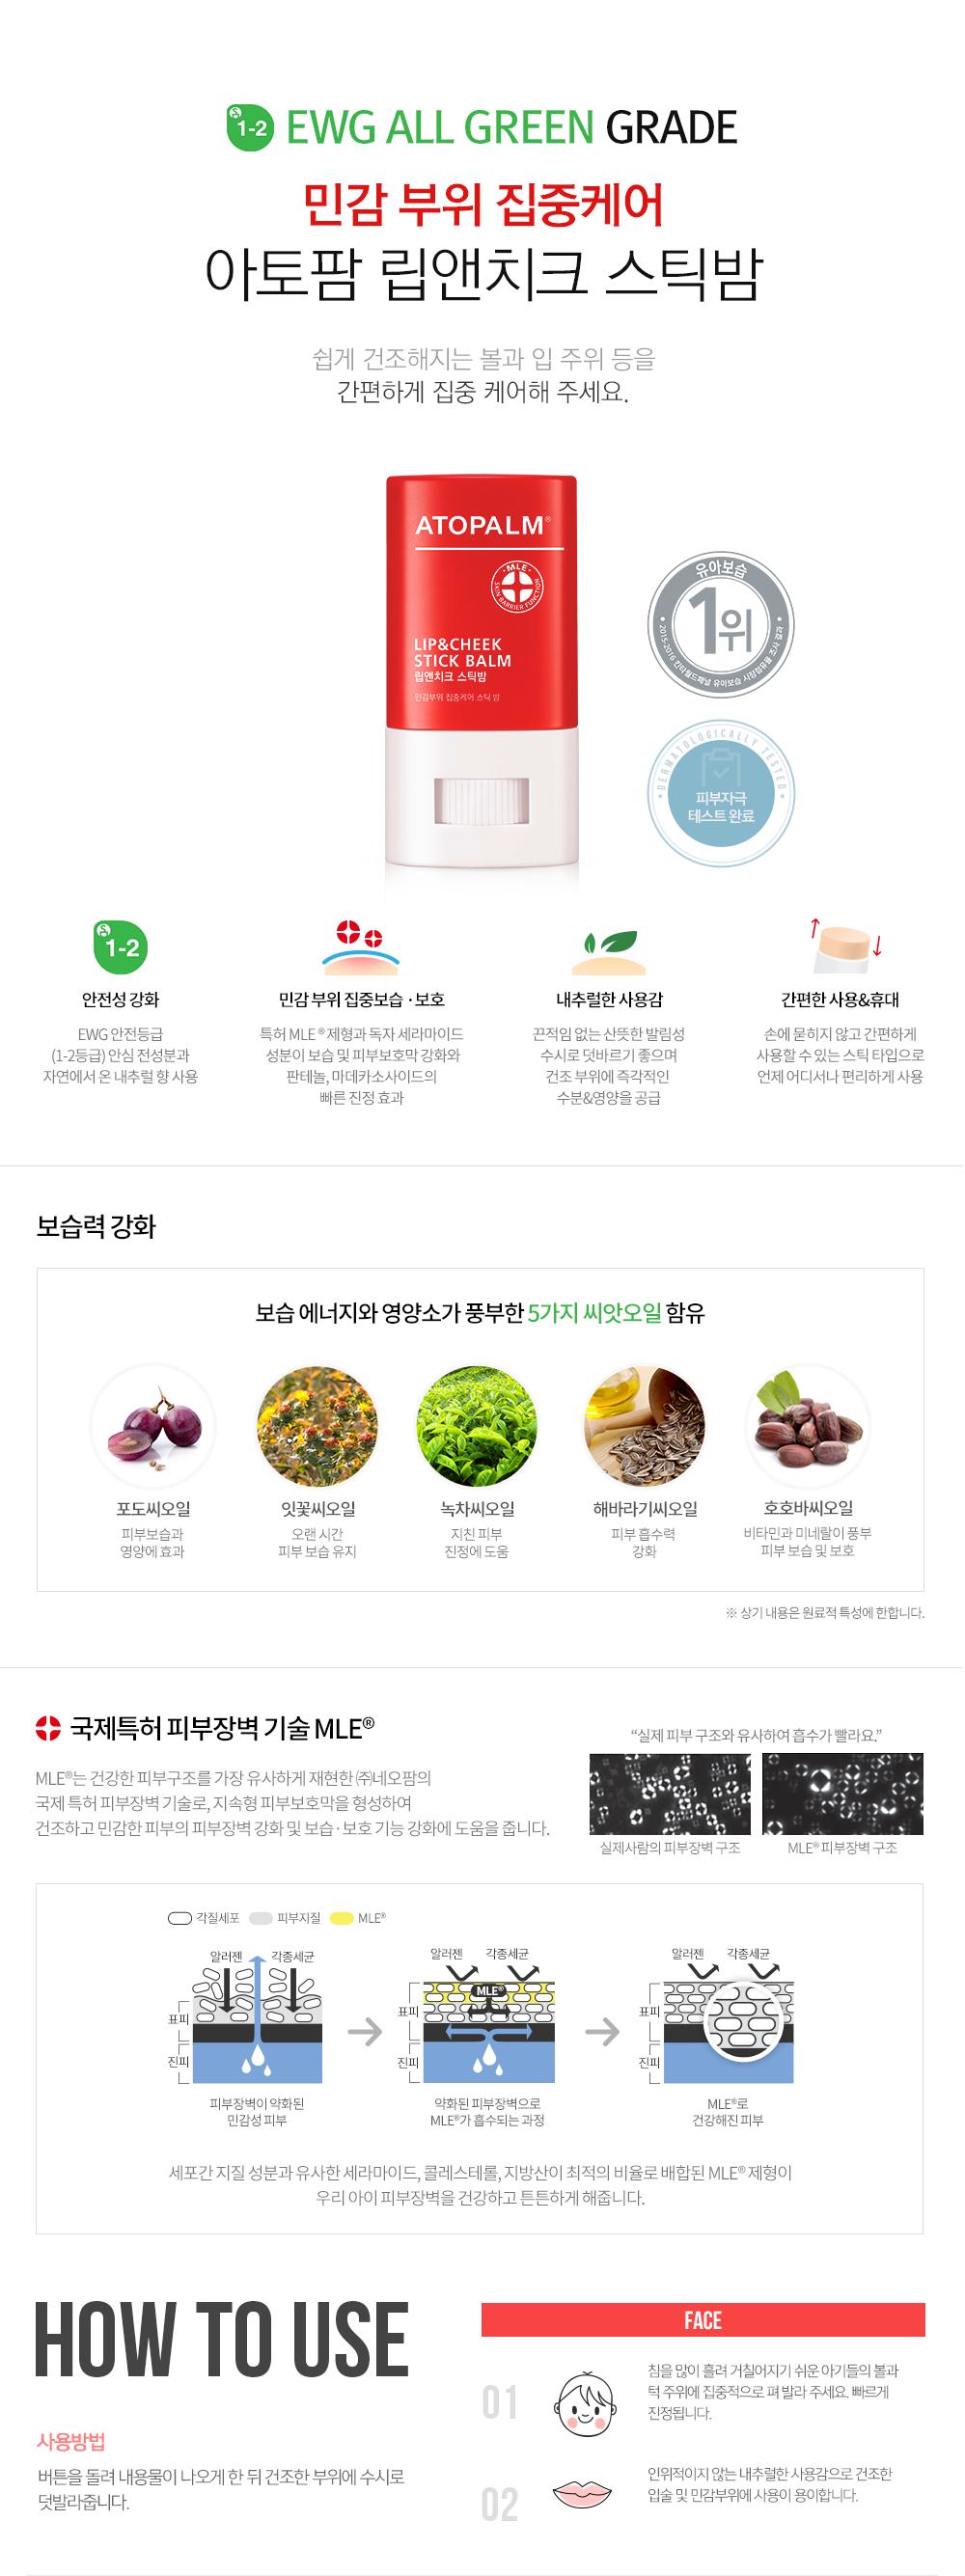 아토팜 립앤치크 스틱밤